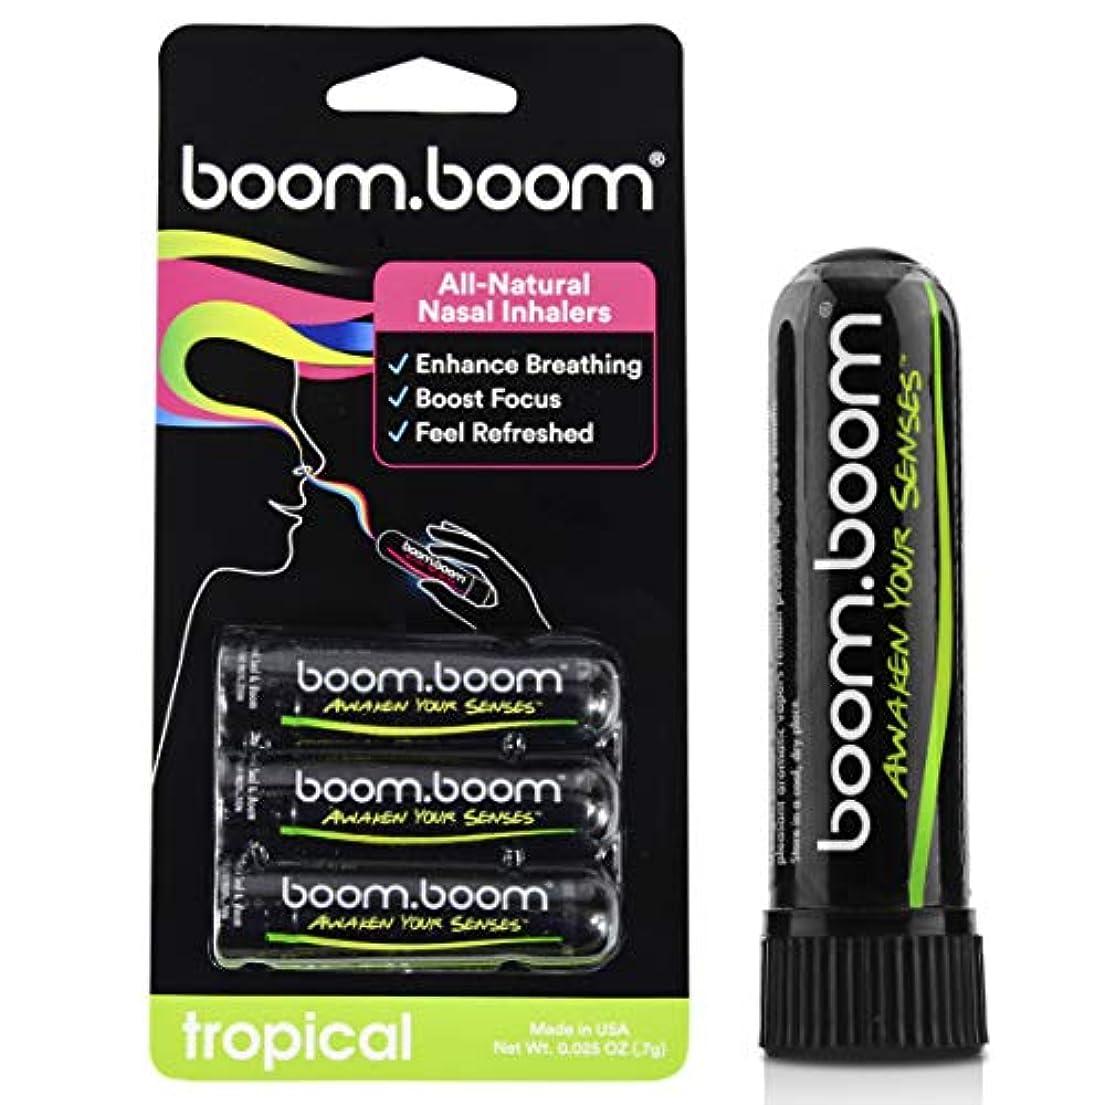 部矢晩ごはんアロマテラピー鼻吸入器(3パック)by BoomBoom | すべての自然植物療法エッセンシャルオイル気化器| Stuffy Noseからのインスタントリリーフ| 素晴らしいフレーバーメントール、ペパーミント、ユーカリ(バラエティーパック) (オレンジ+パッションフルーツ+マンゴ+レモン)